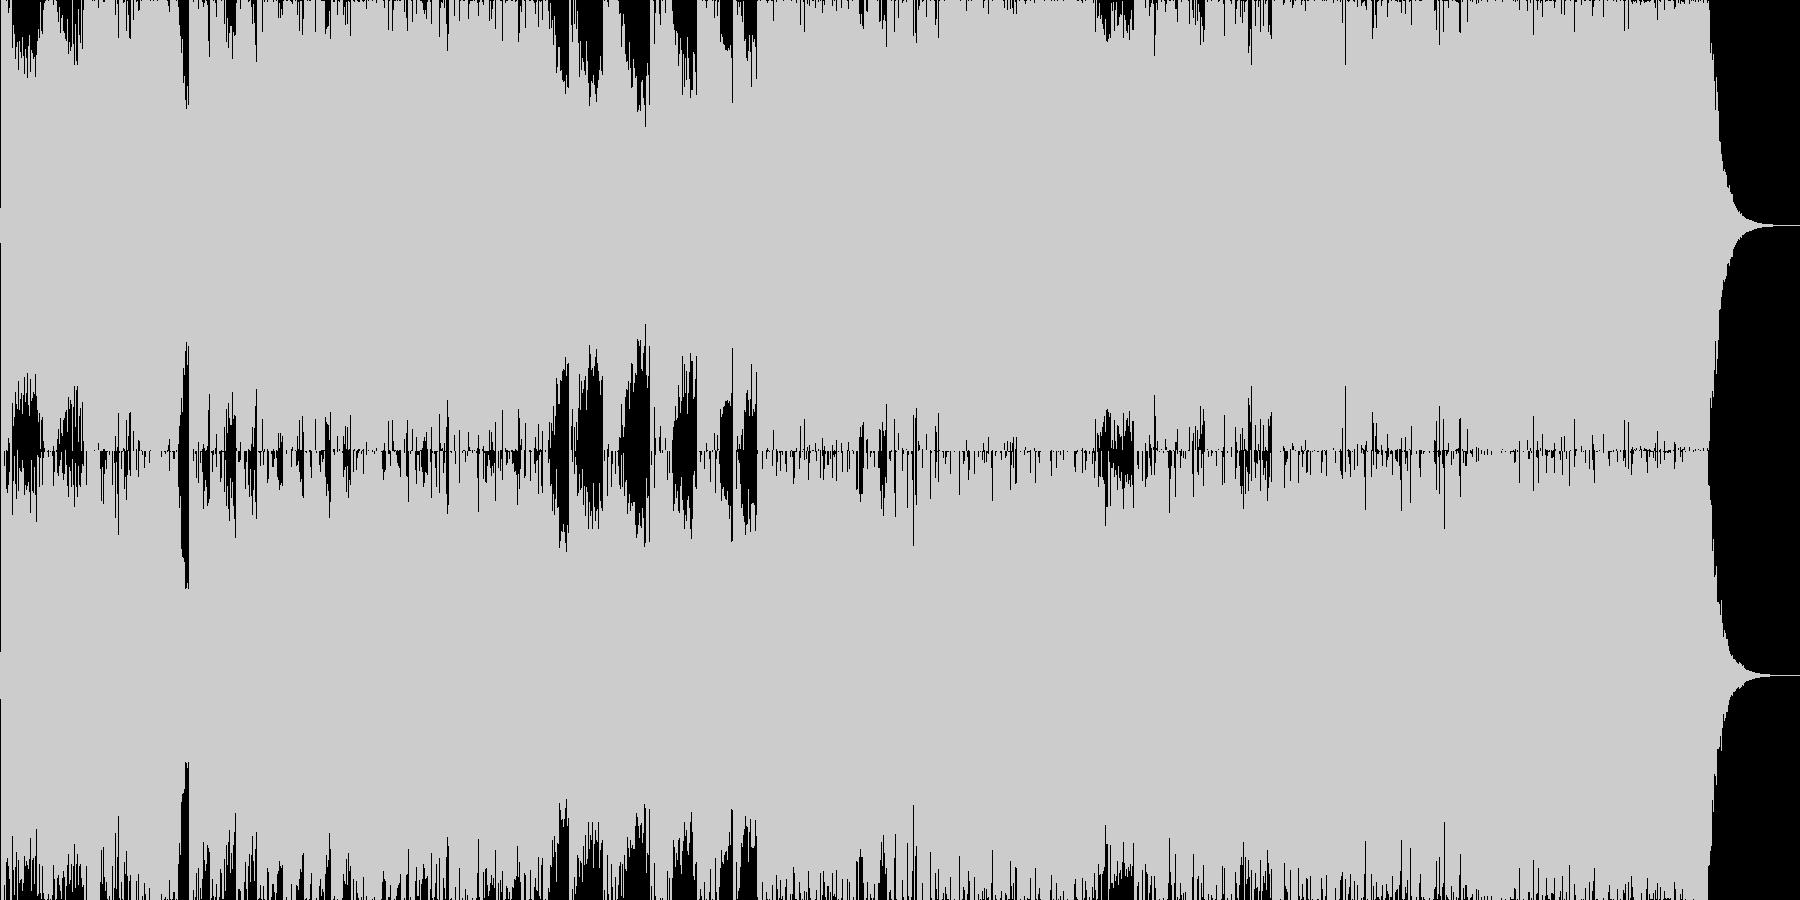 ダークファンタジーオーケストラ戦闘曲42の未再生の波形